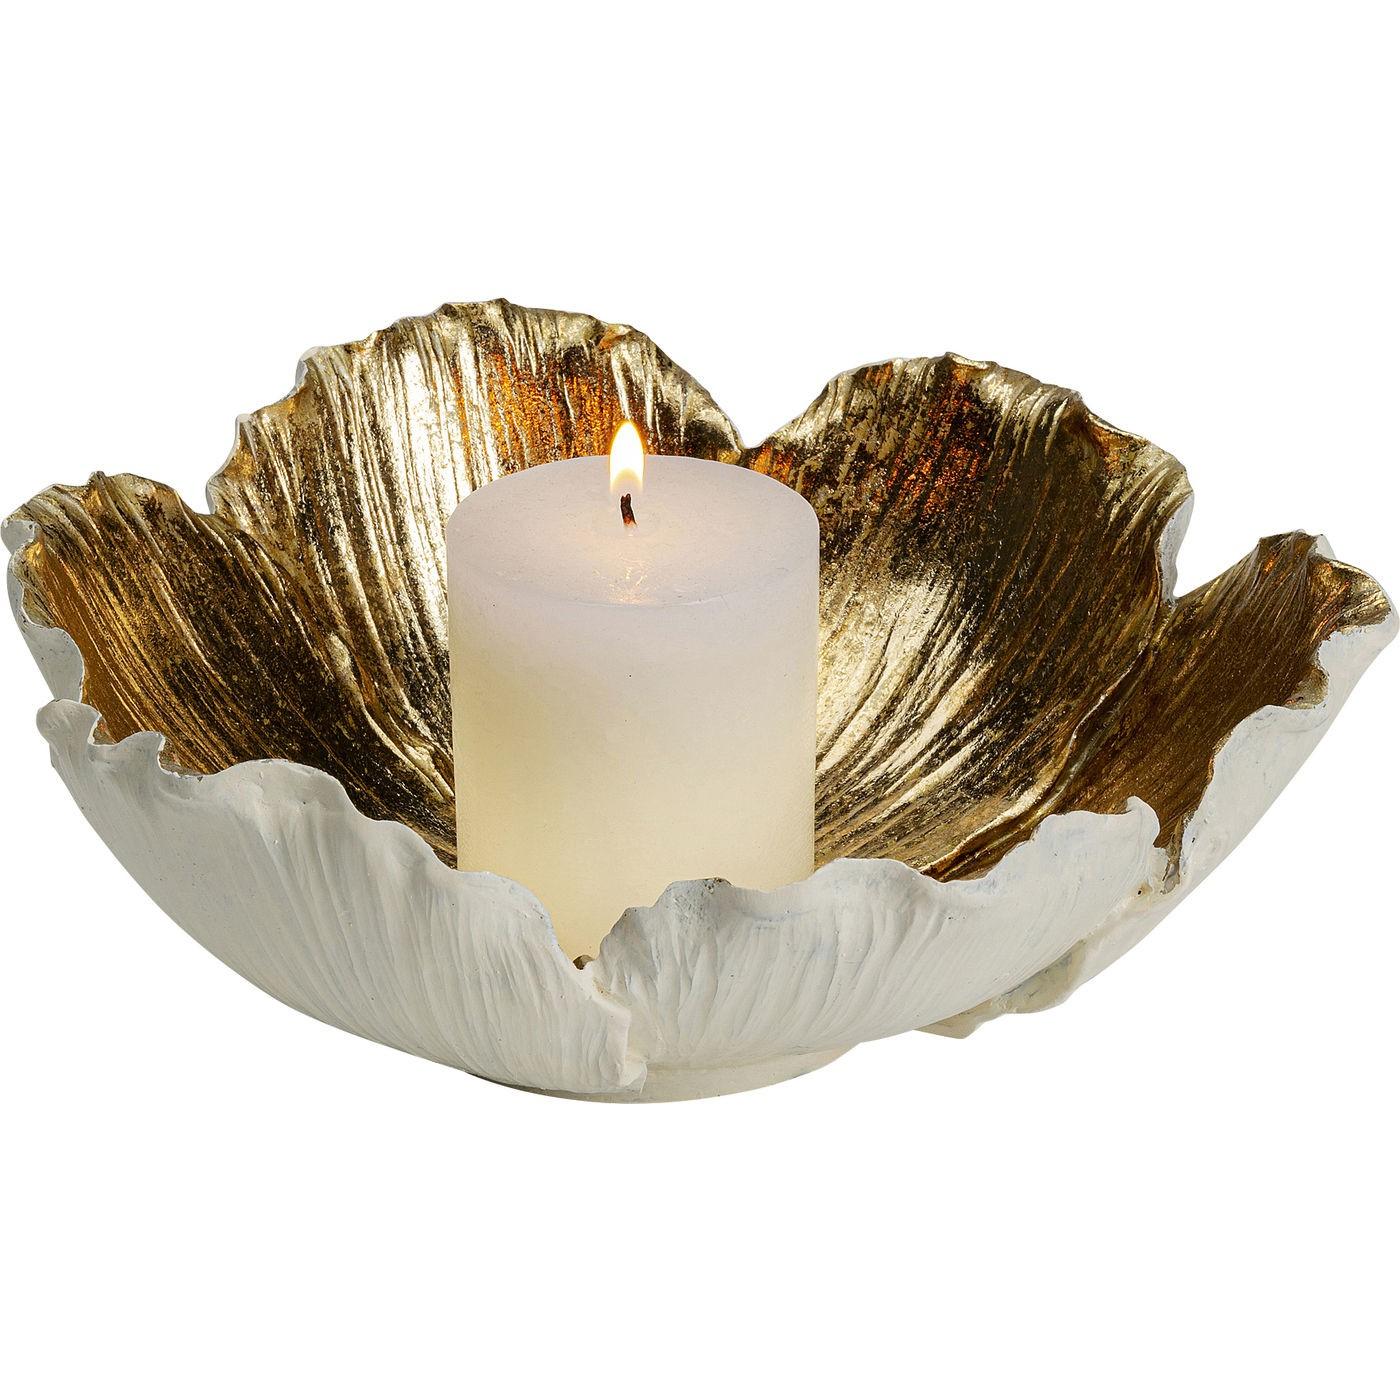 Coupe fleur dorée et blanche 25cm Kare Design